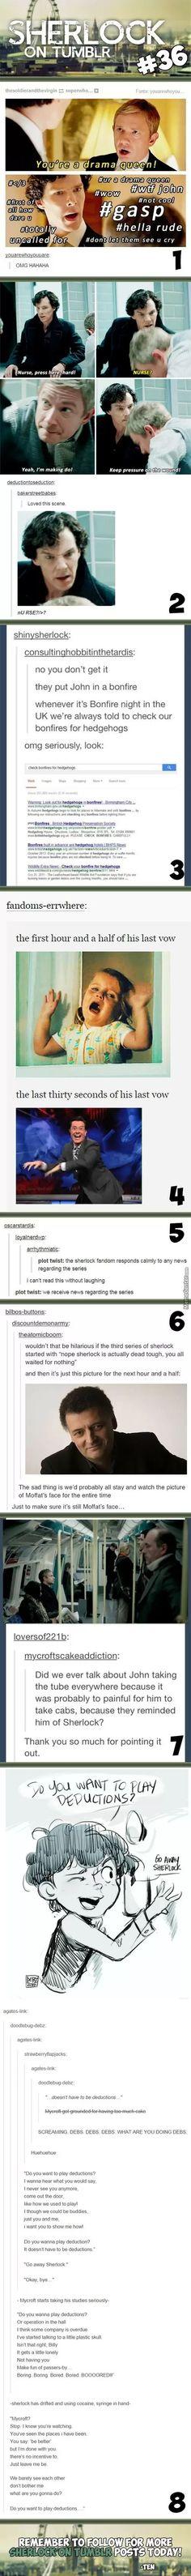 Sherlock On Tumblr #36